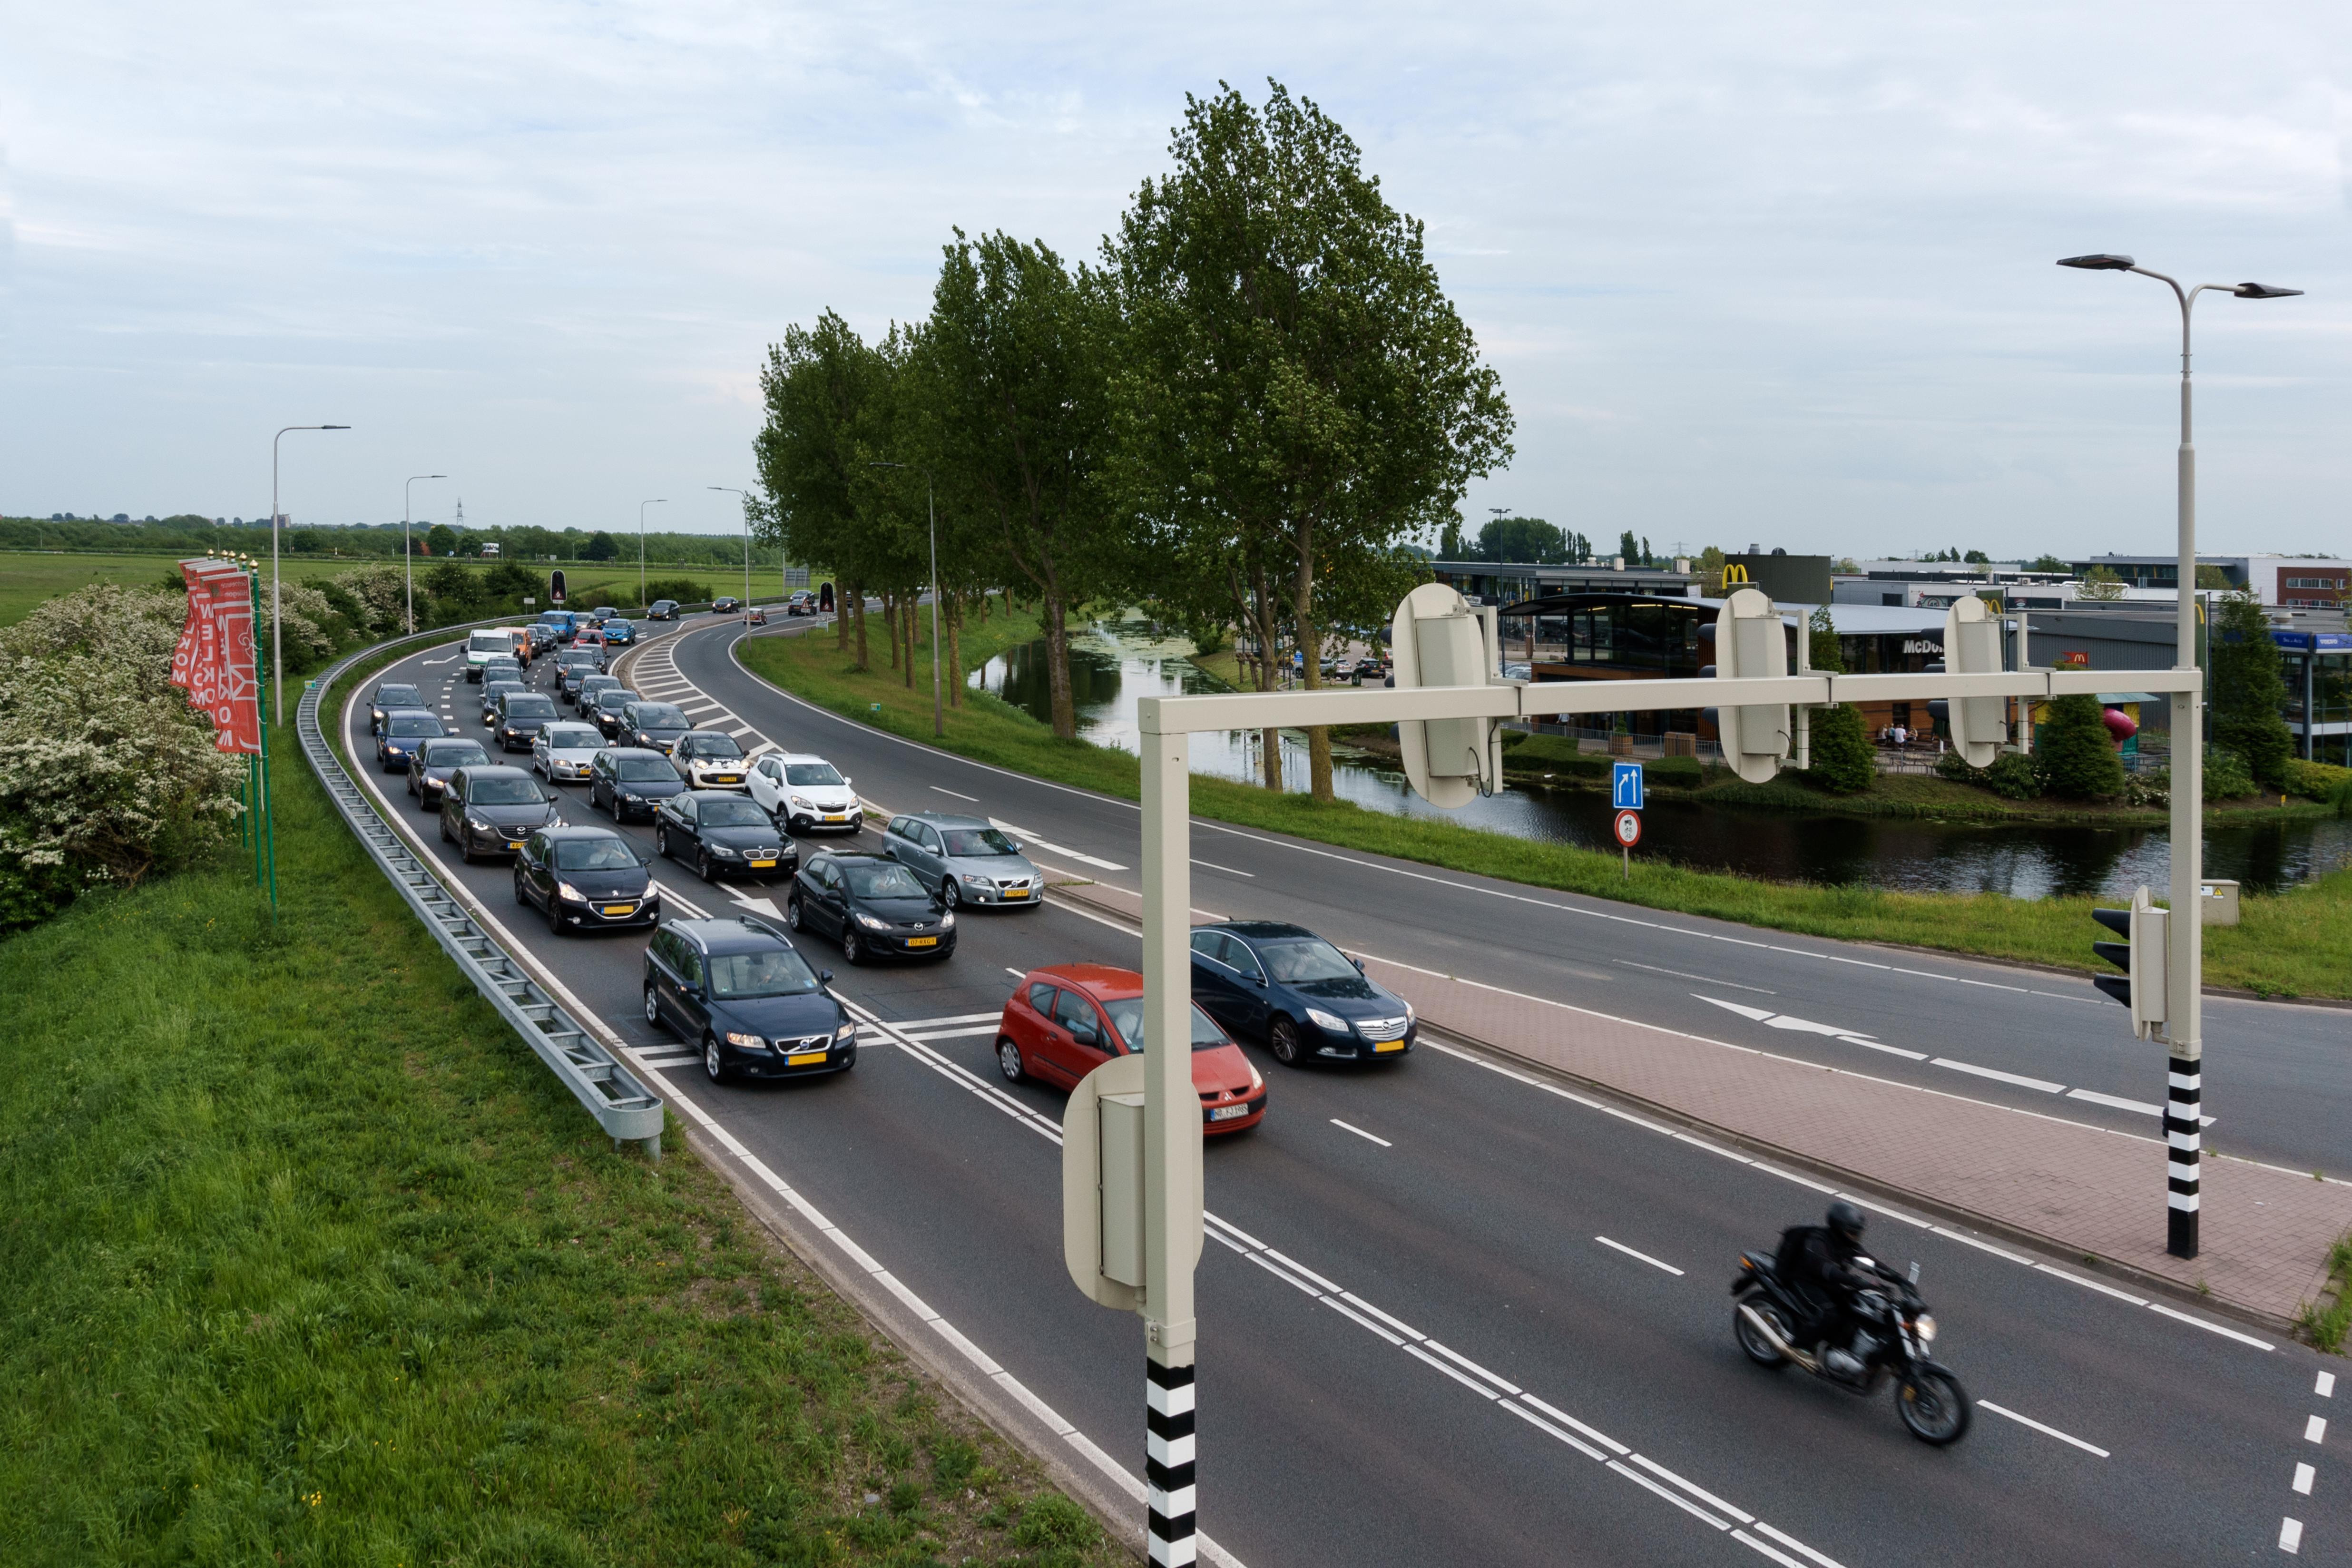 Minder lang wachten op rood. Provincie test 'wachtrijvoorspeller' in regio Alkmaar